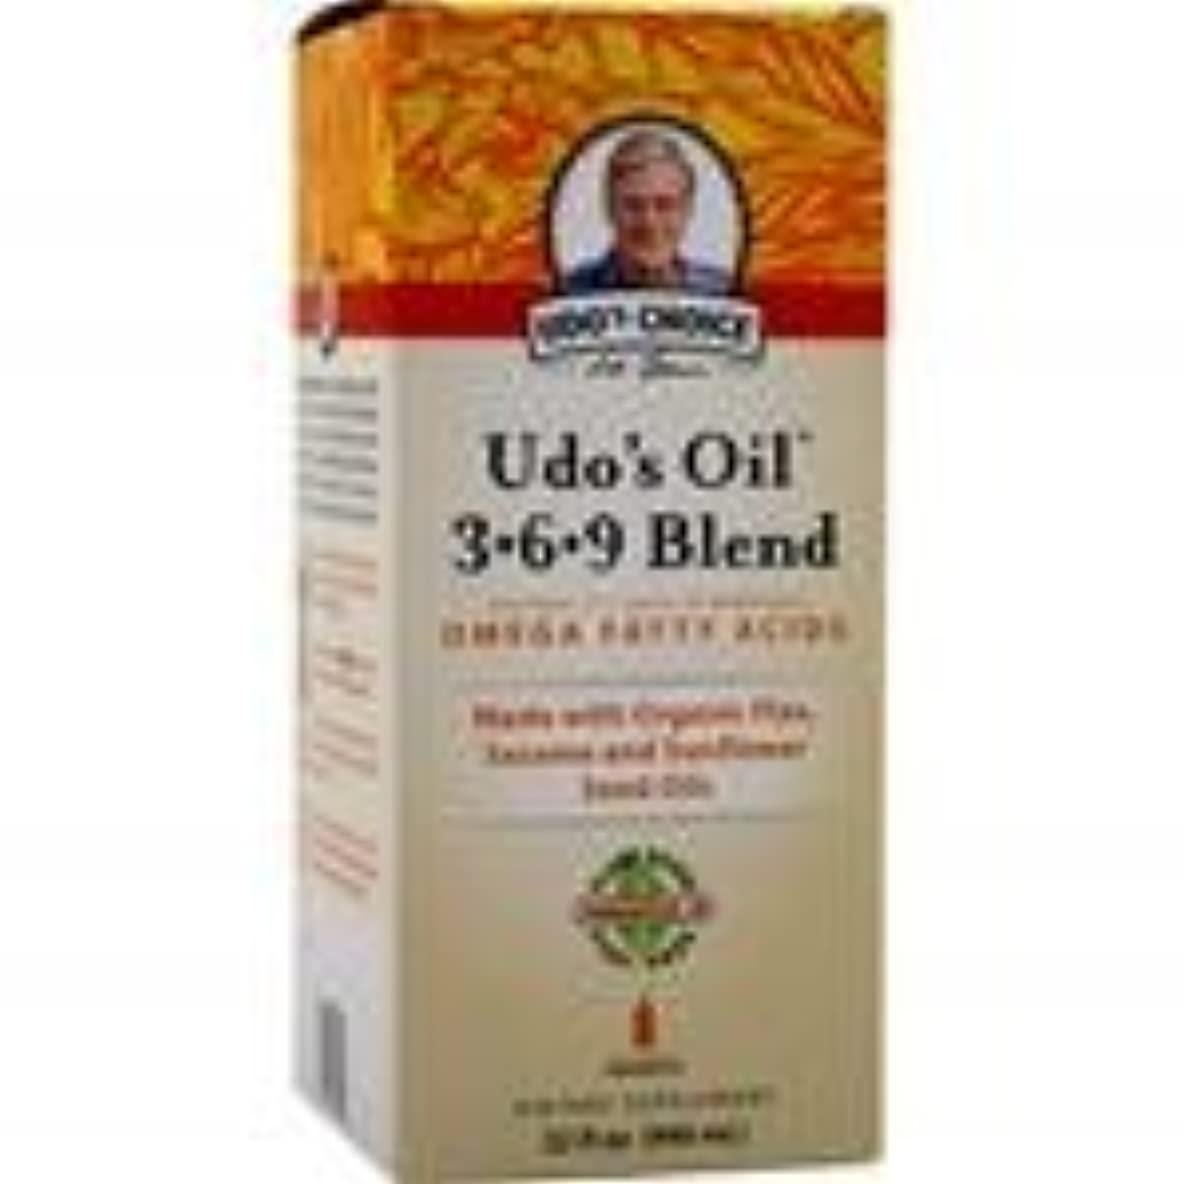 イースター早める姿を消すUdo's Oil 3-6-9 Blend Liquid 32 fl.oz 4個パック